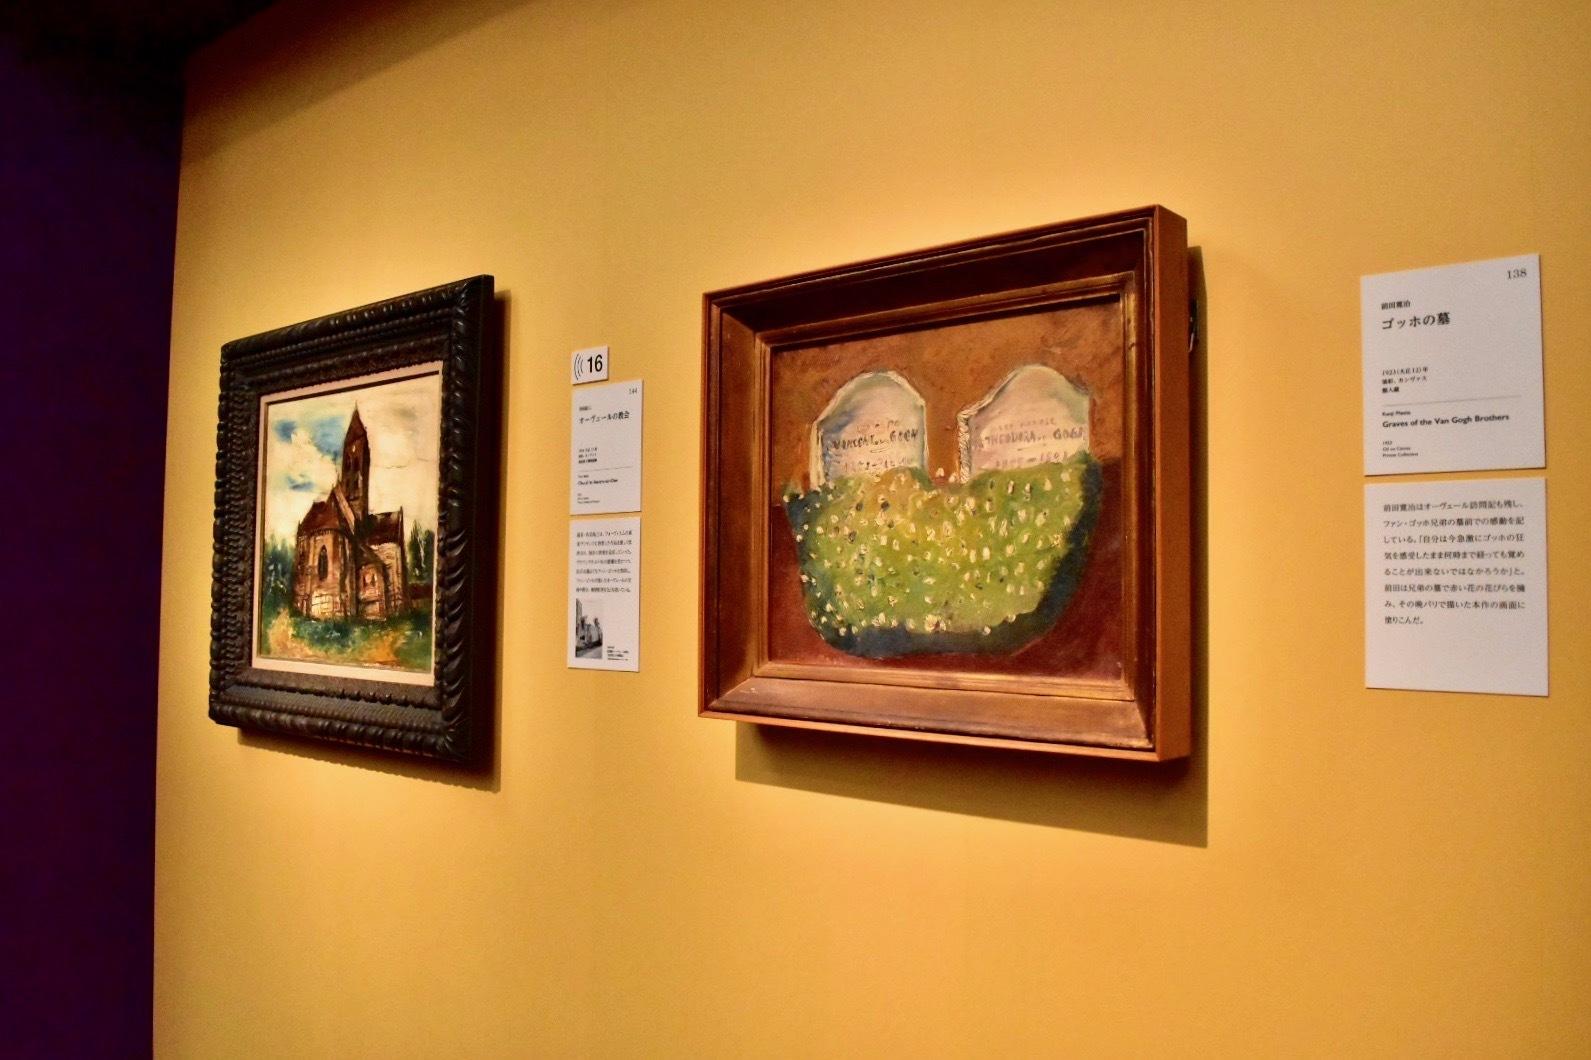 左:佐伯祐三 オーヴェールの教会 鳥取県立博物館 右:前田寛治 ゴッホの墓 個人蔵